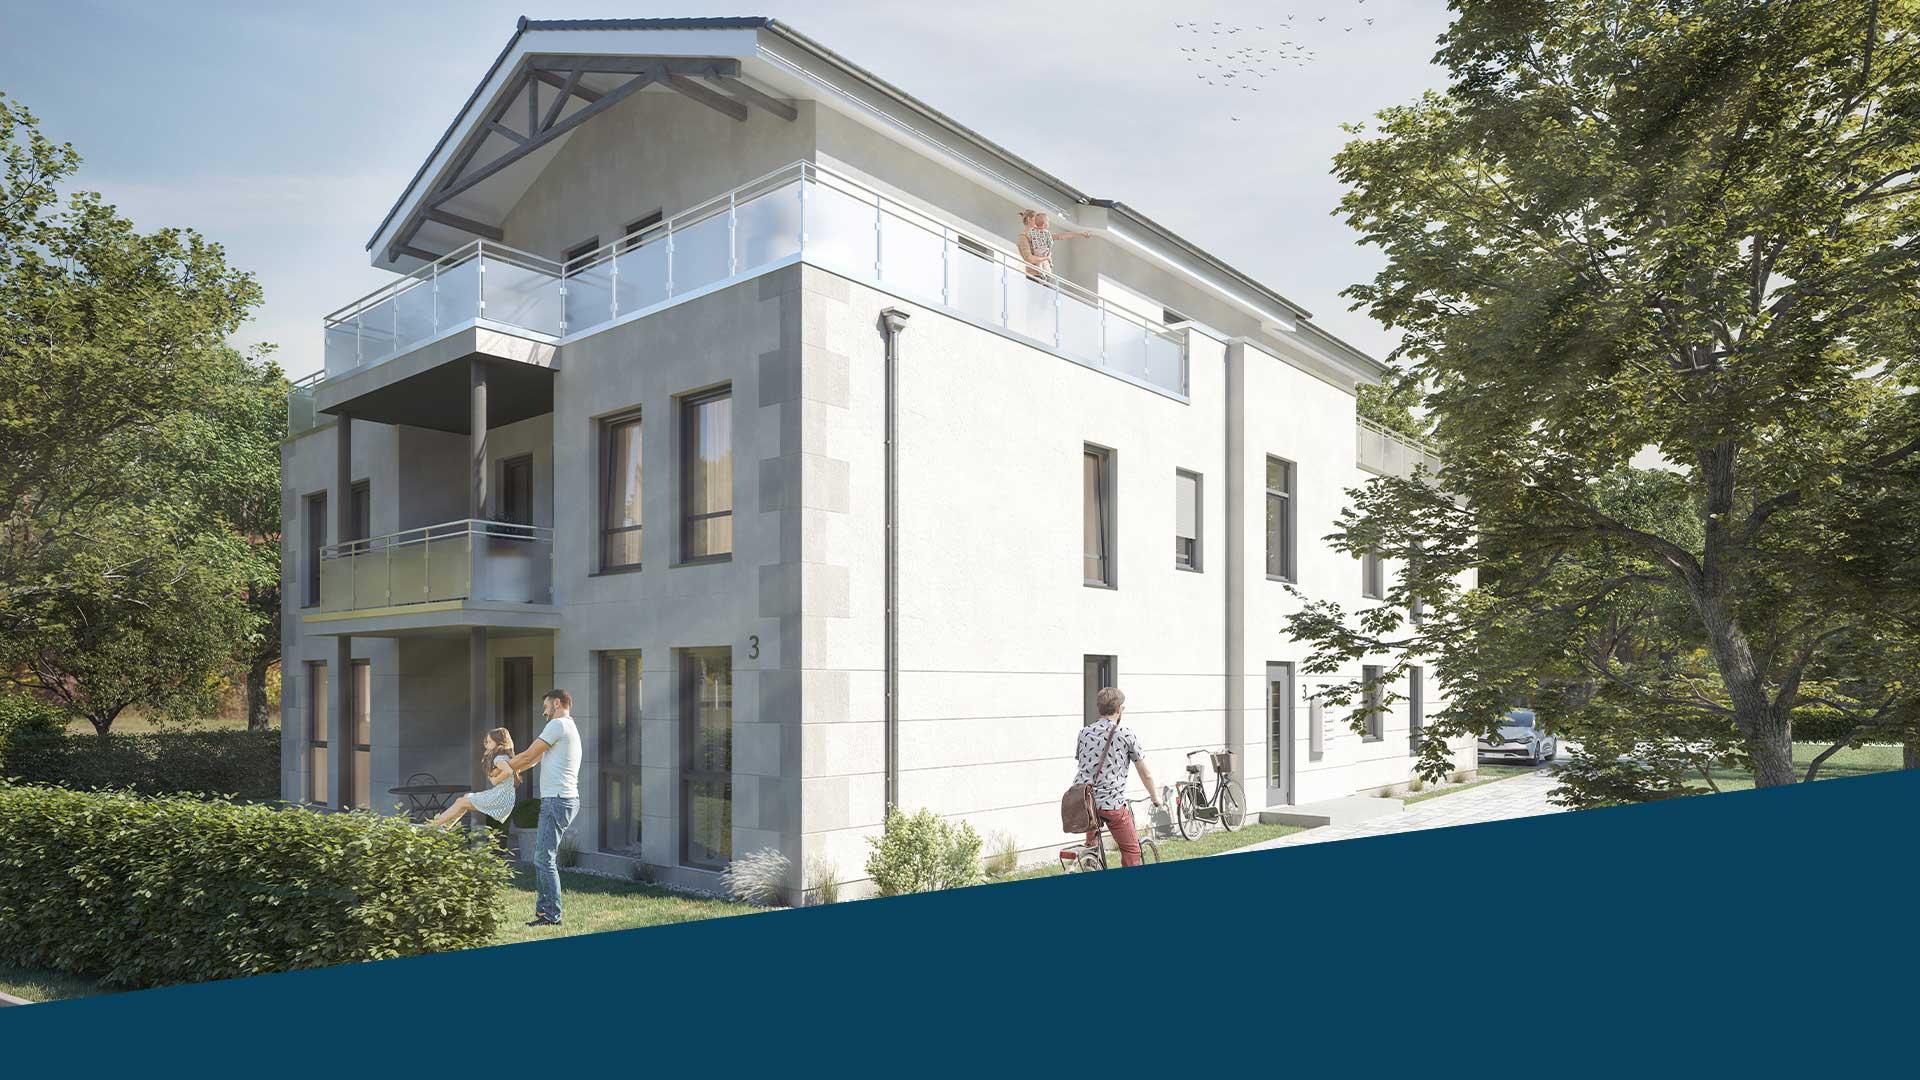 Projekt_5_Neubau_eines_Mehrfamilienhauses